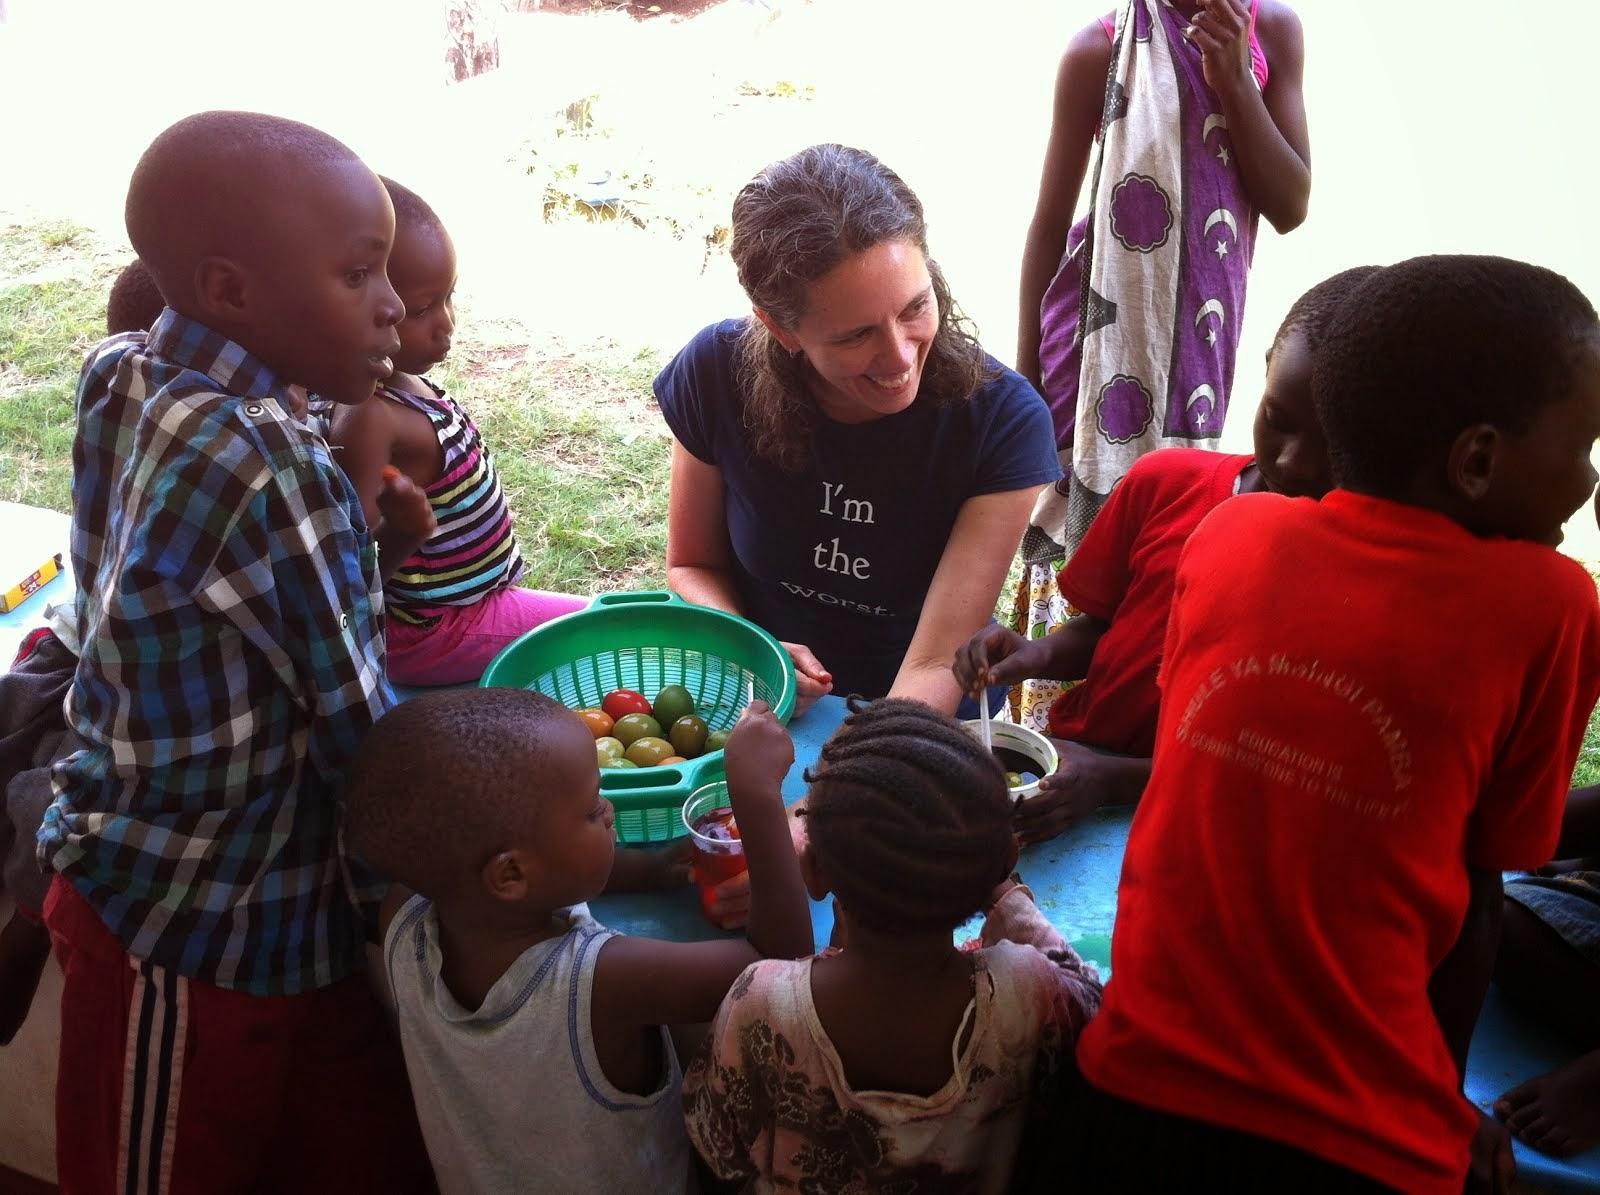 Reids in Africa